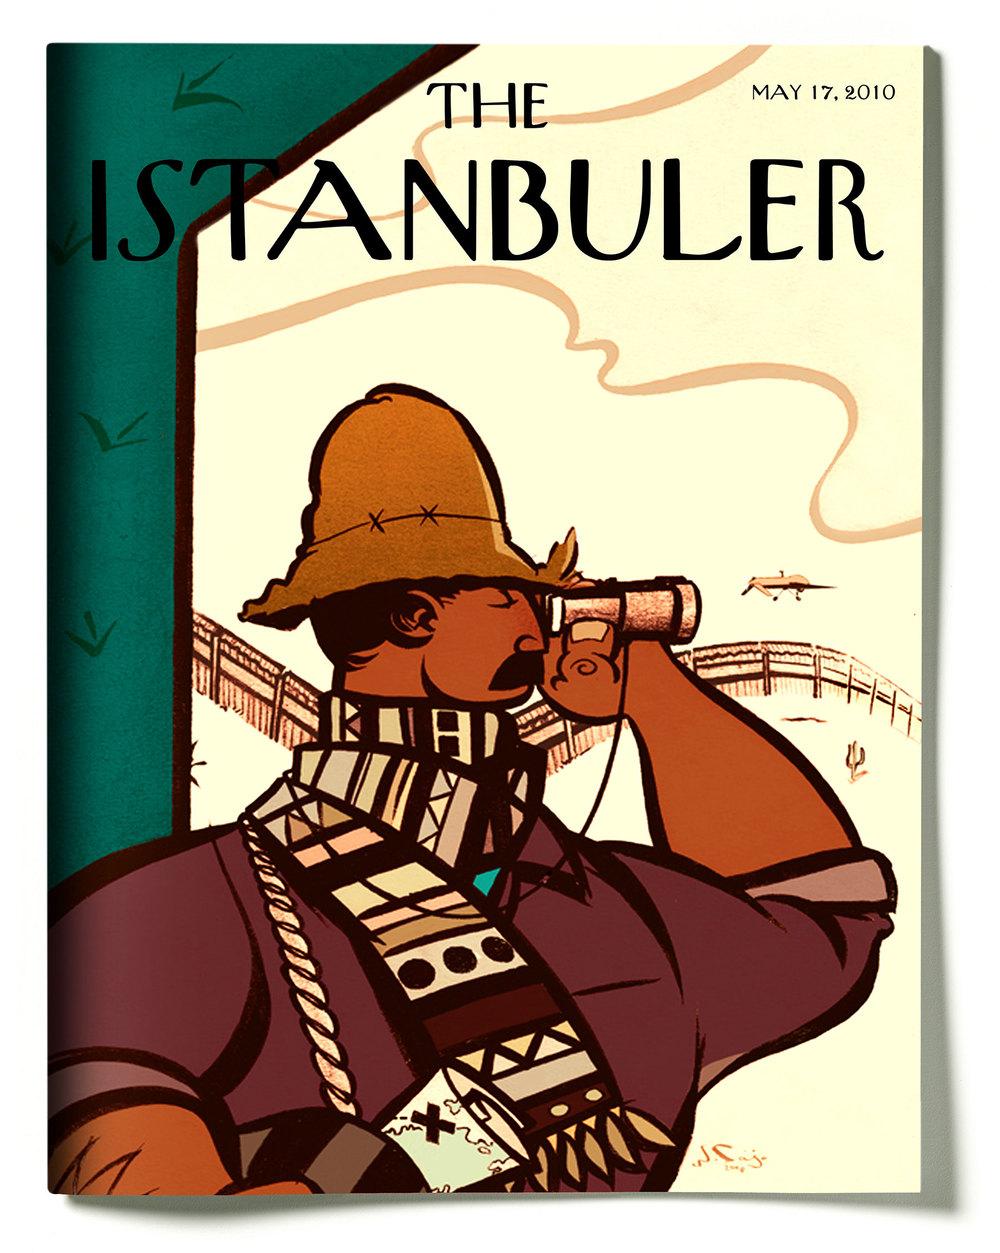 HSBC New Yorker Istanbuler.jpg